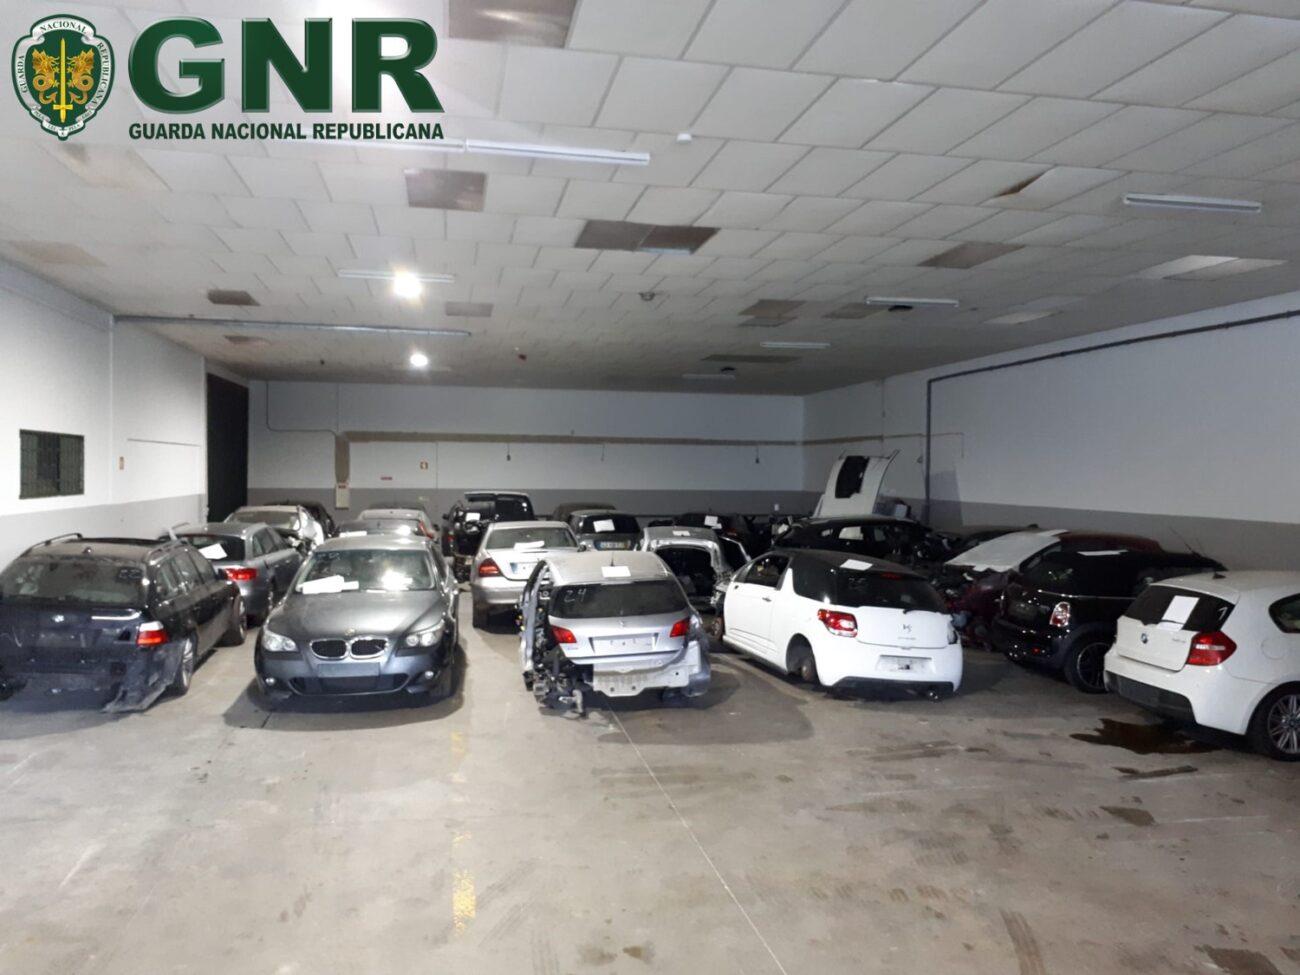 GNR de Barcelos apreende 25 carros e detém dois homens em mega-operação